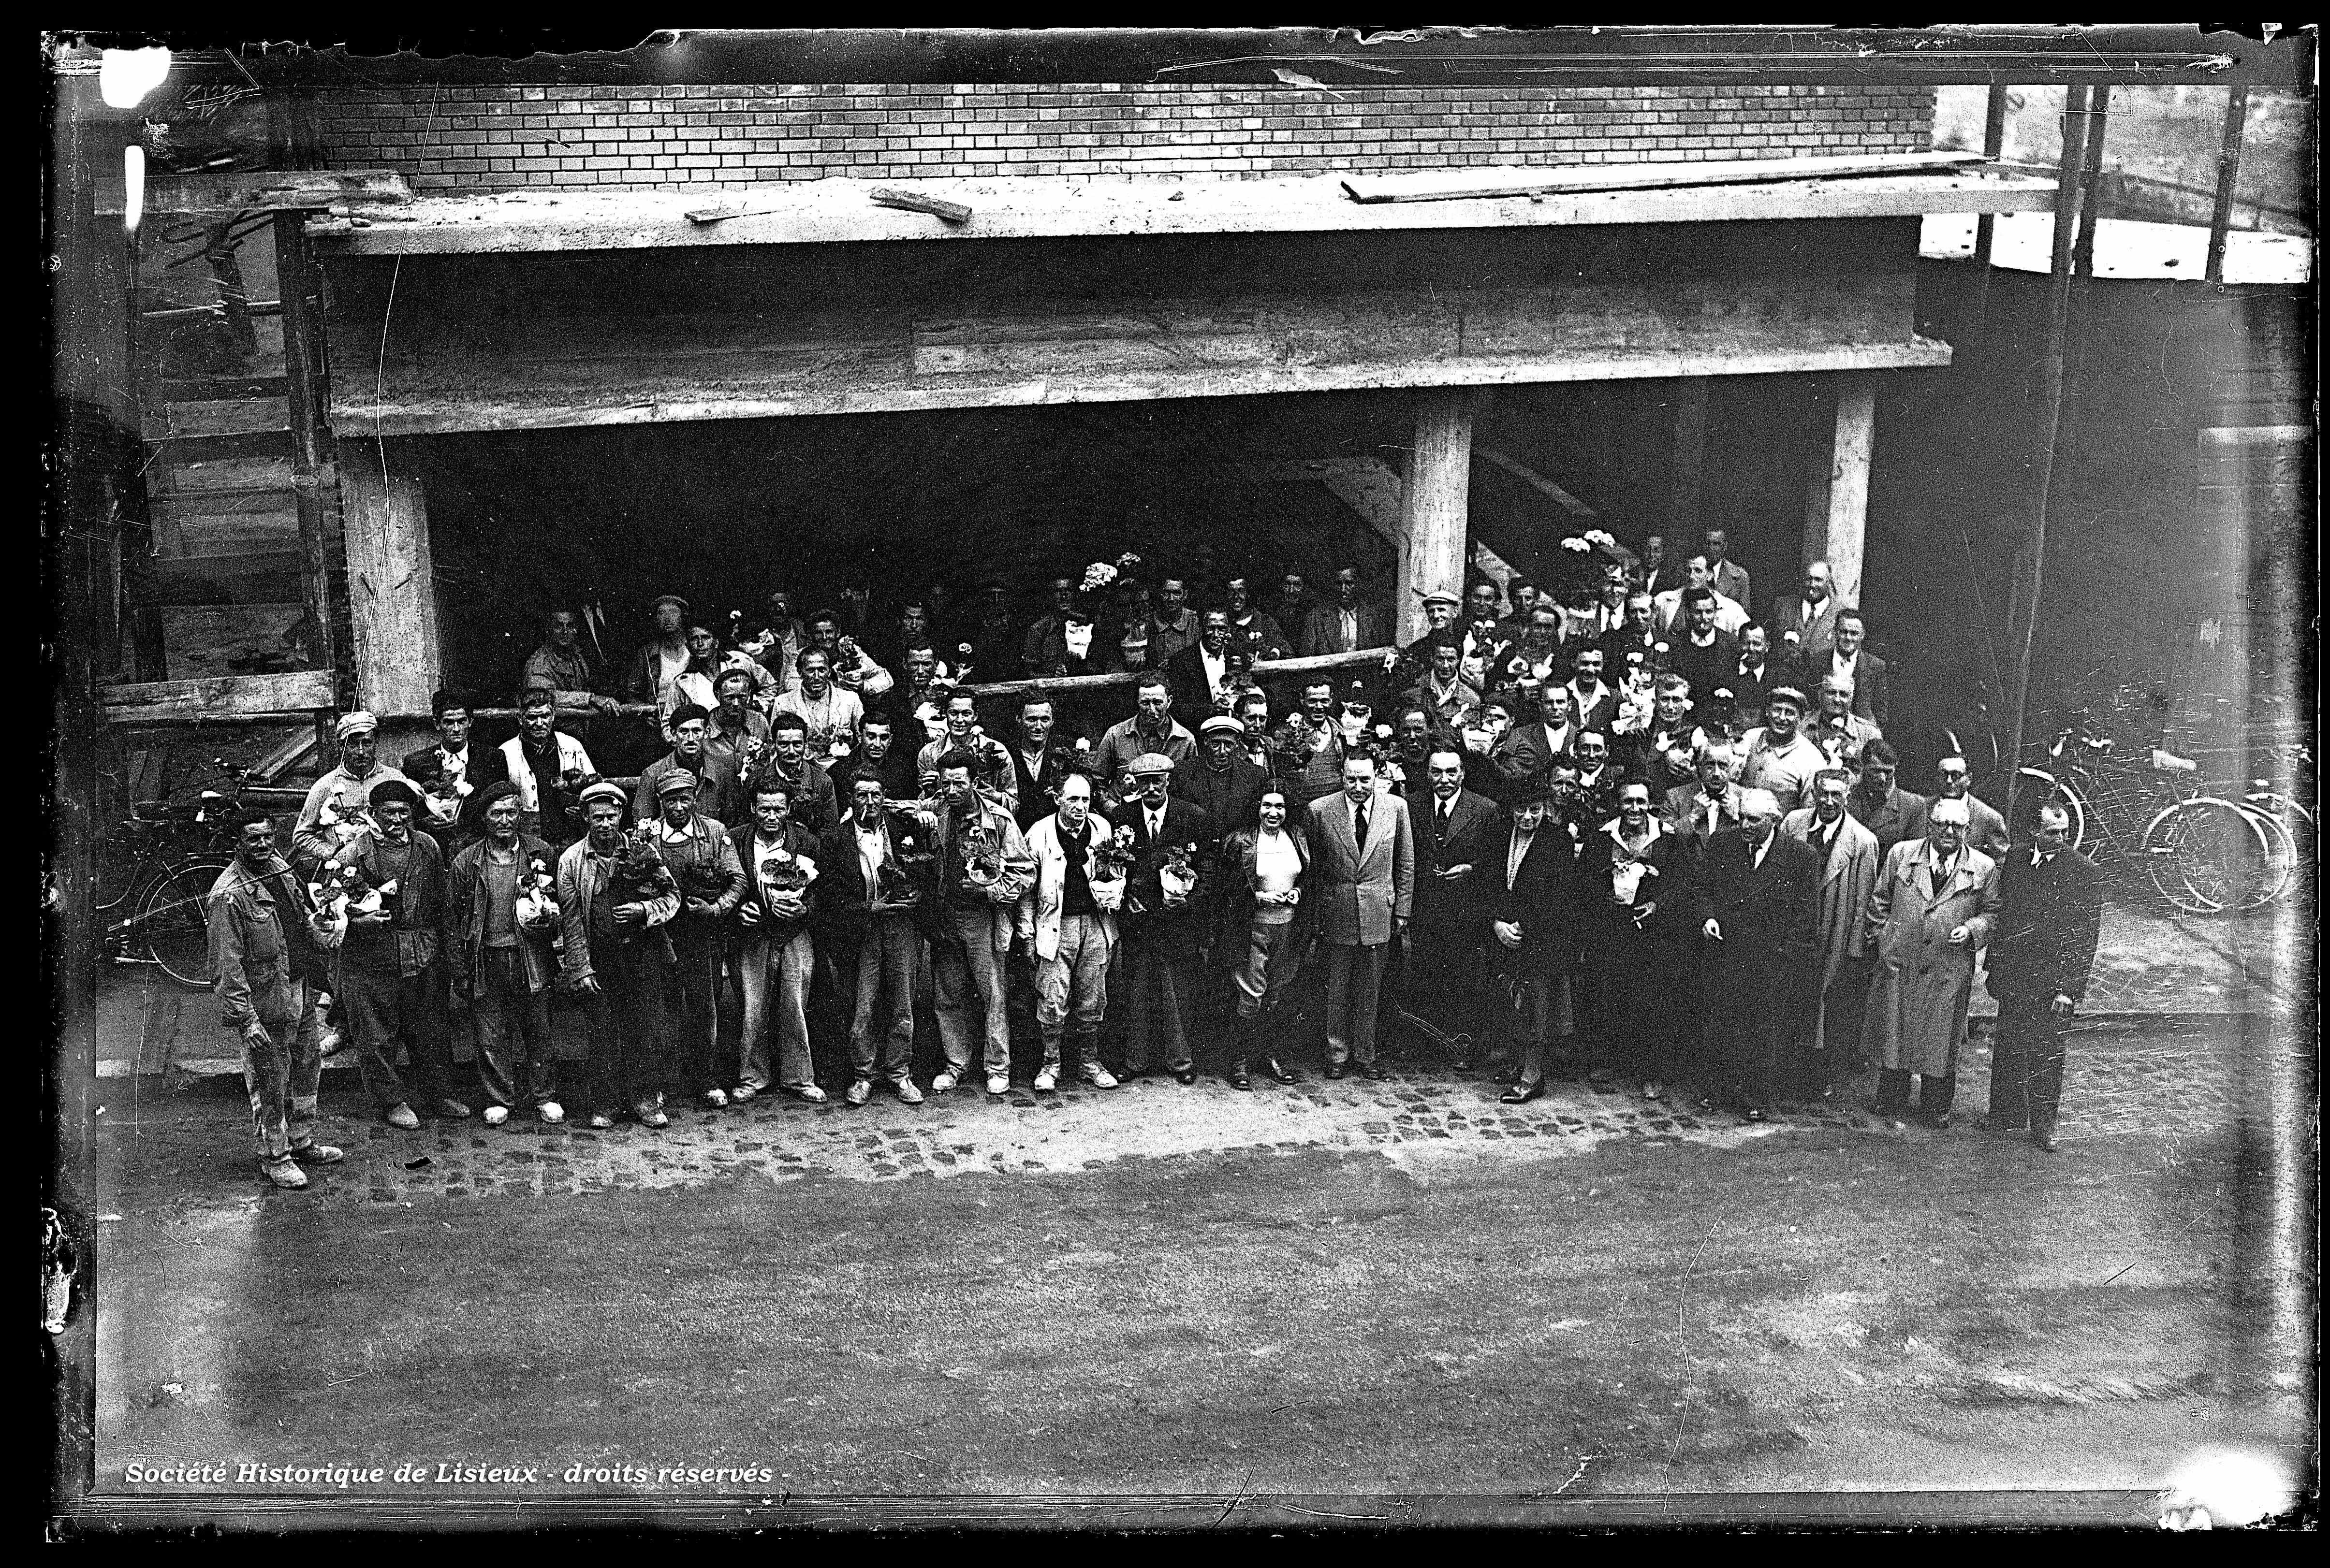 Groupe de personnes devant un bâtiment en construction